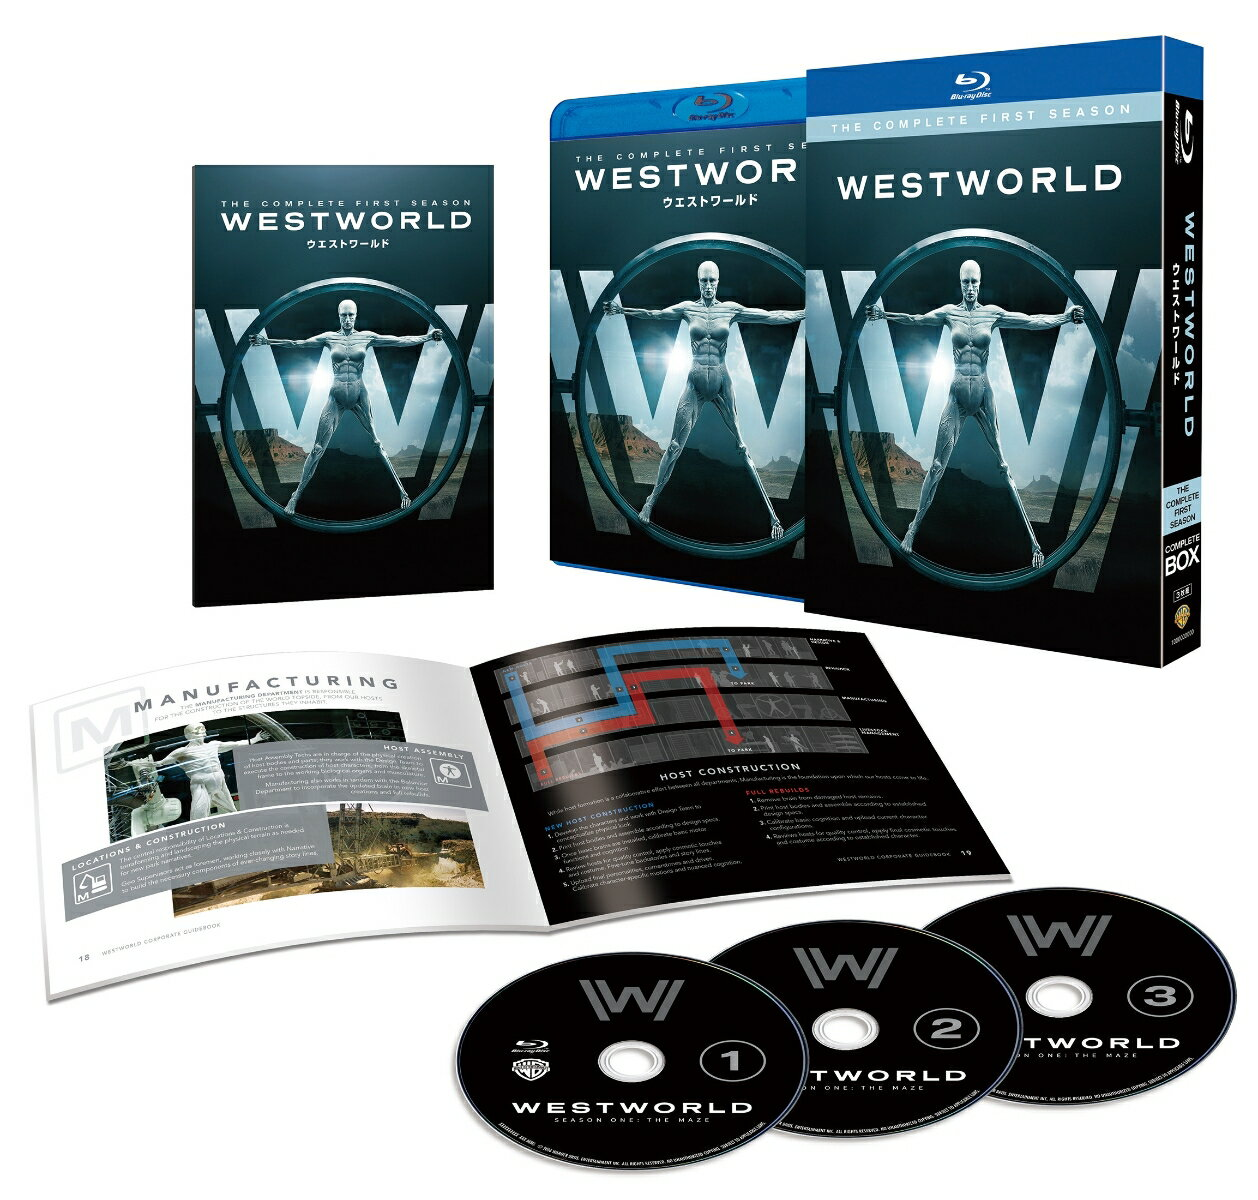 ウエストワールド<ファースト・シーズン>ブルーレイ コンプリート・ボックス(3枚組/ウエストワールド運営マニュアル付)(初回限定生産)【Blu-ray】 [ エヴァン・レイチェル・ウッド ]